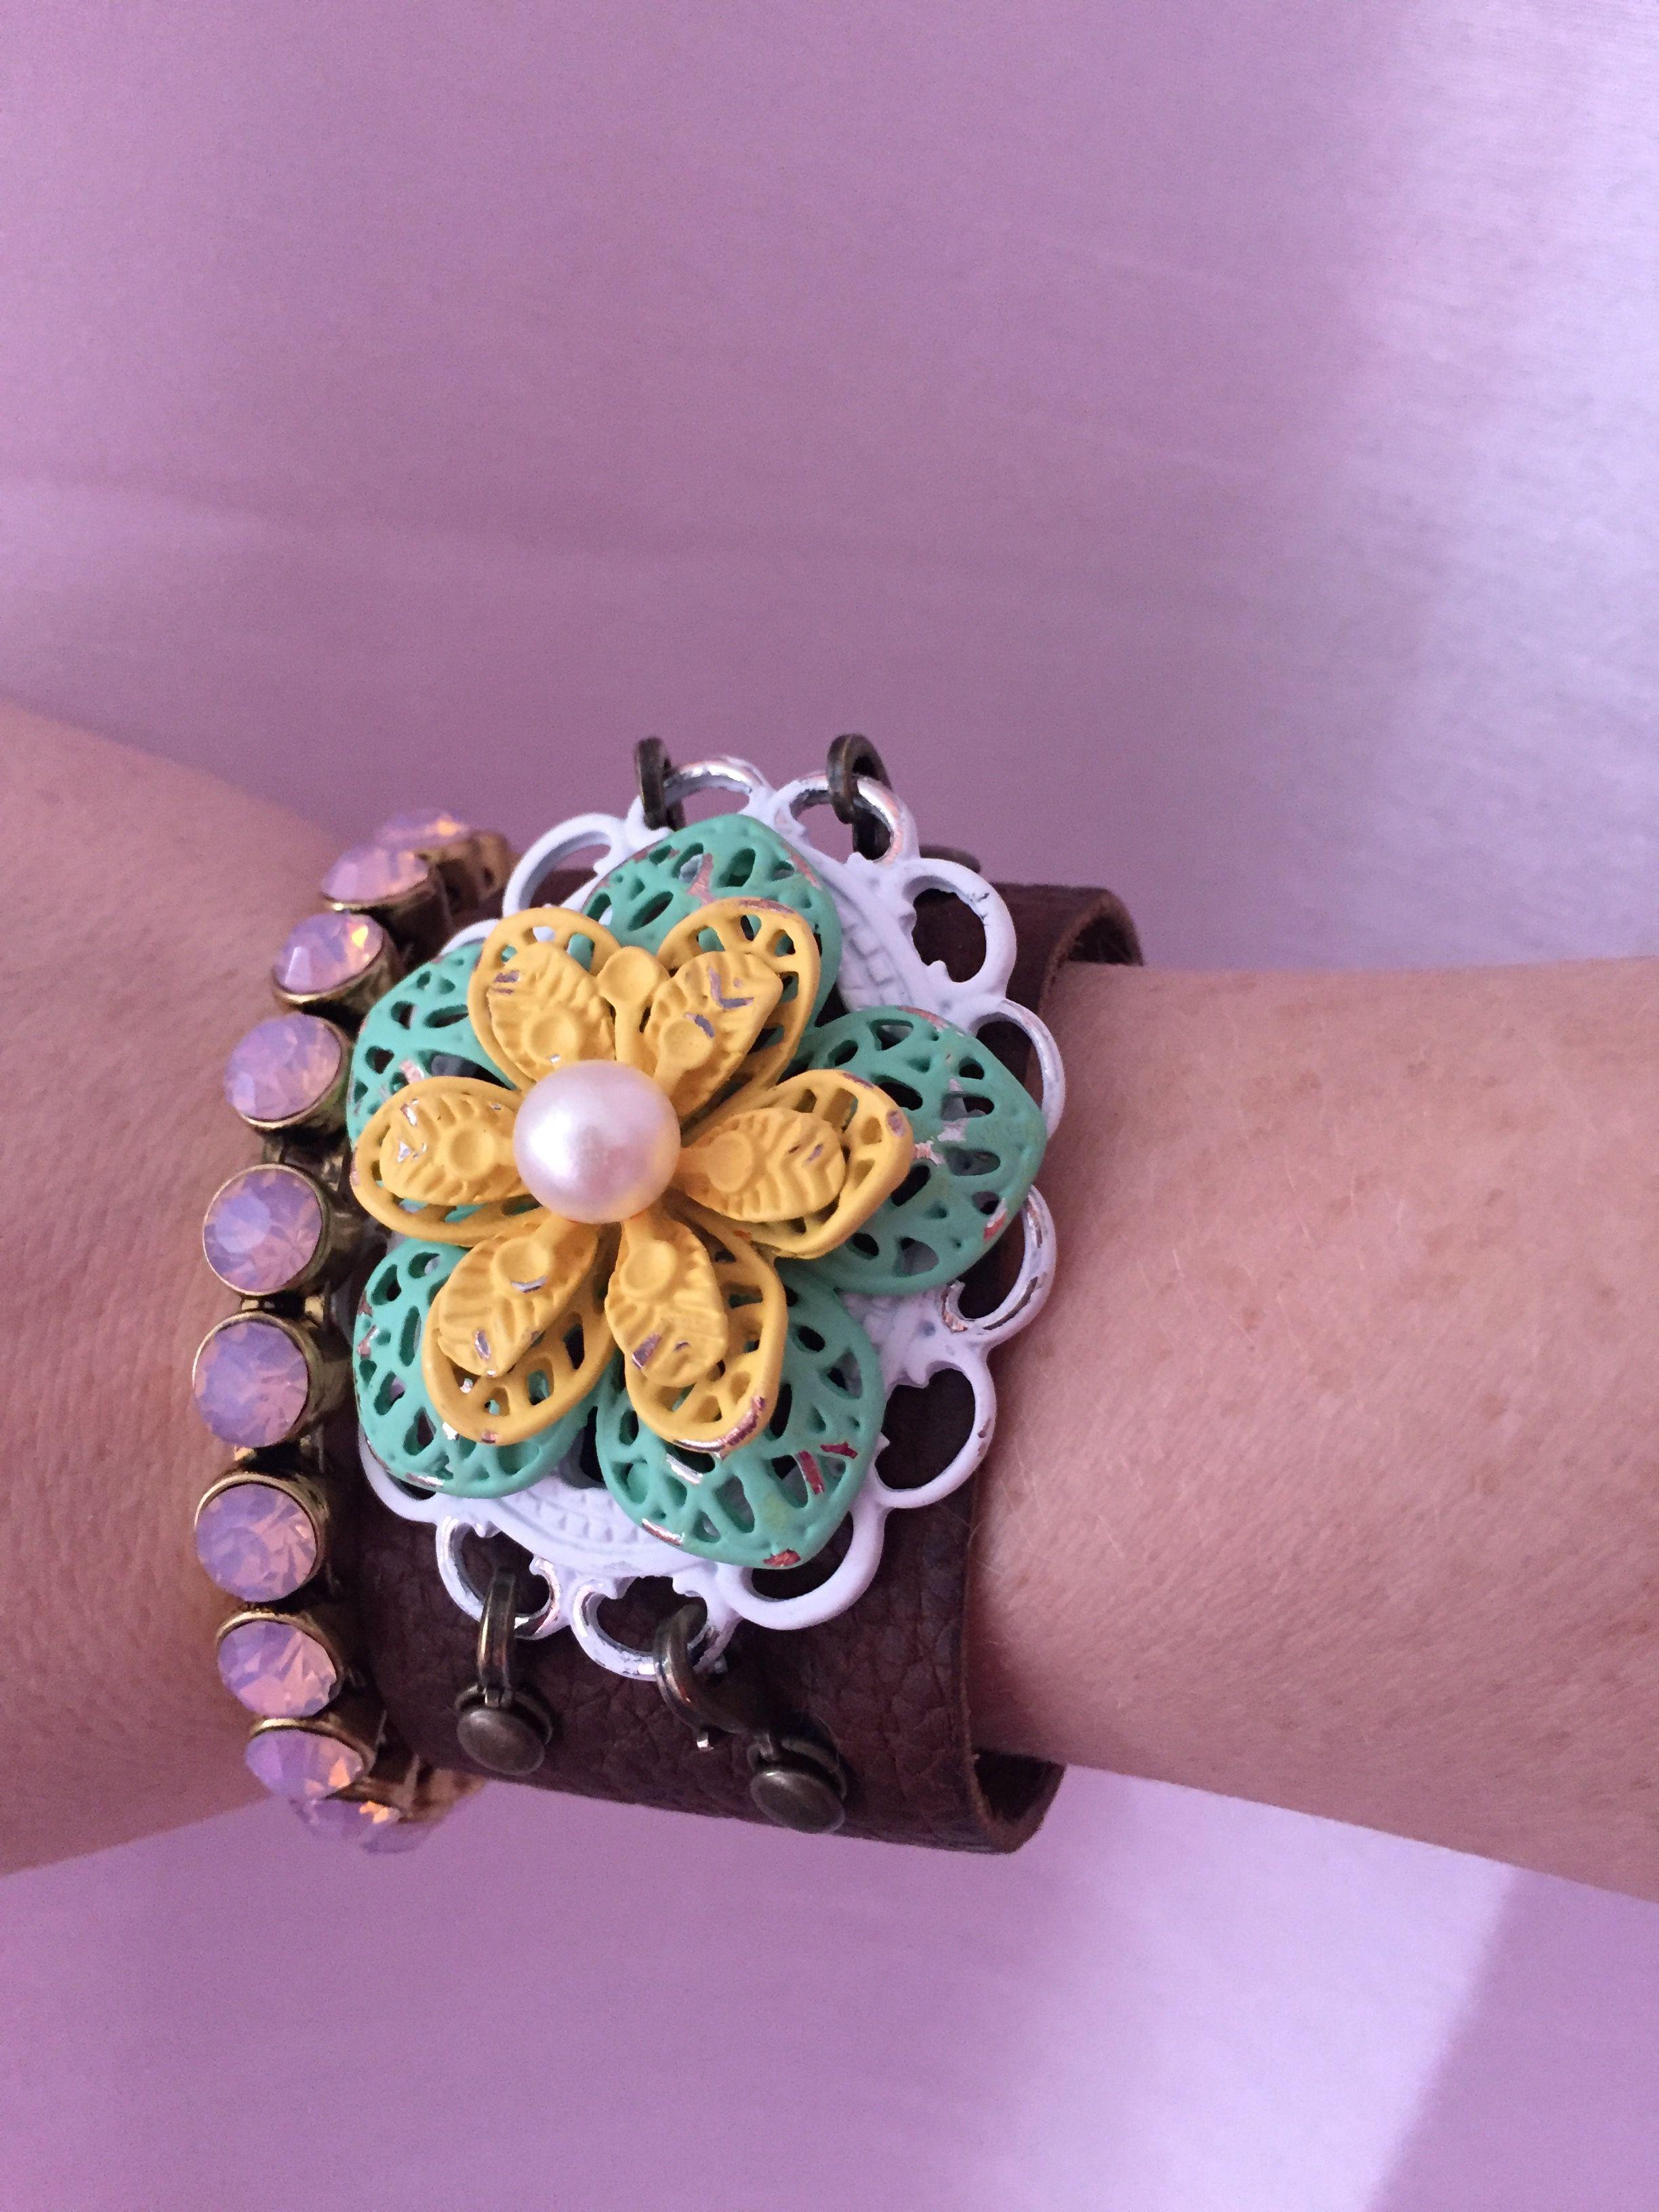 Plunder bracelet and cuff bracelet plunder